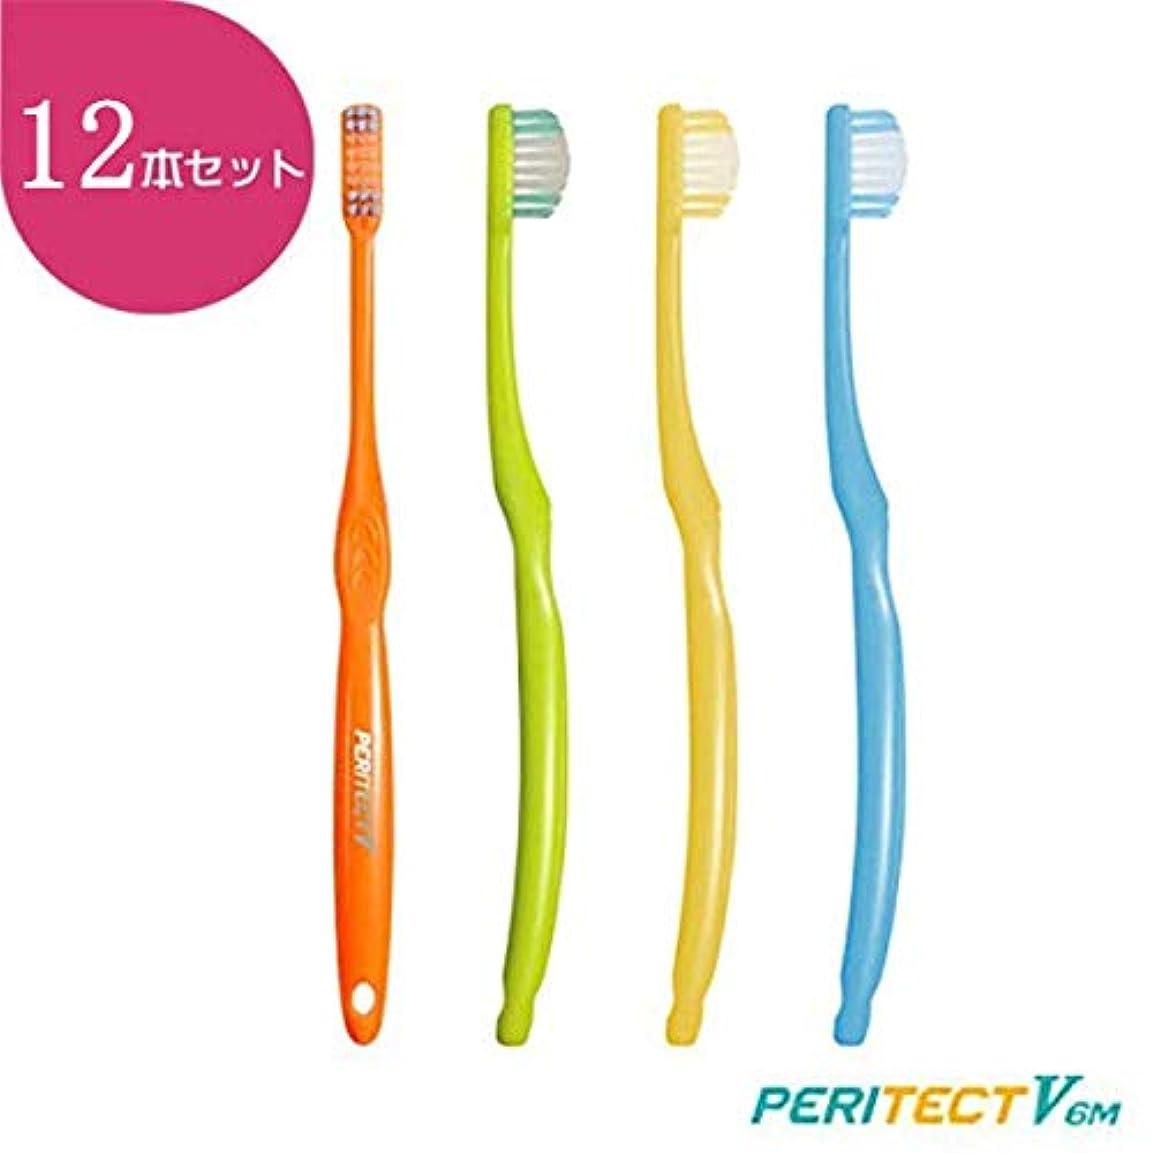 歌地下鉄夢ビーブランド PERITECT V ペリテクト ブイ 6M(やわらかめ)×12本 歯ブラシ 歯科専売品